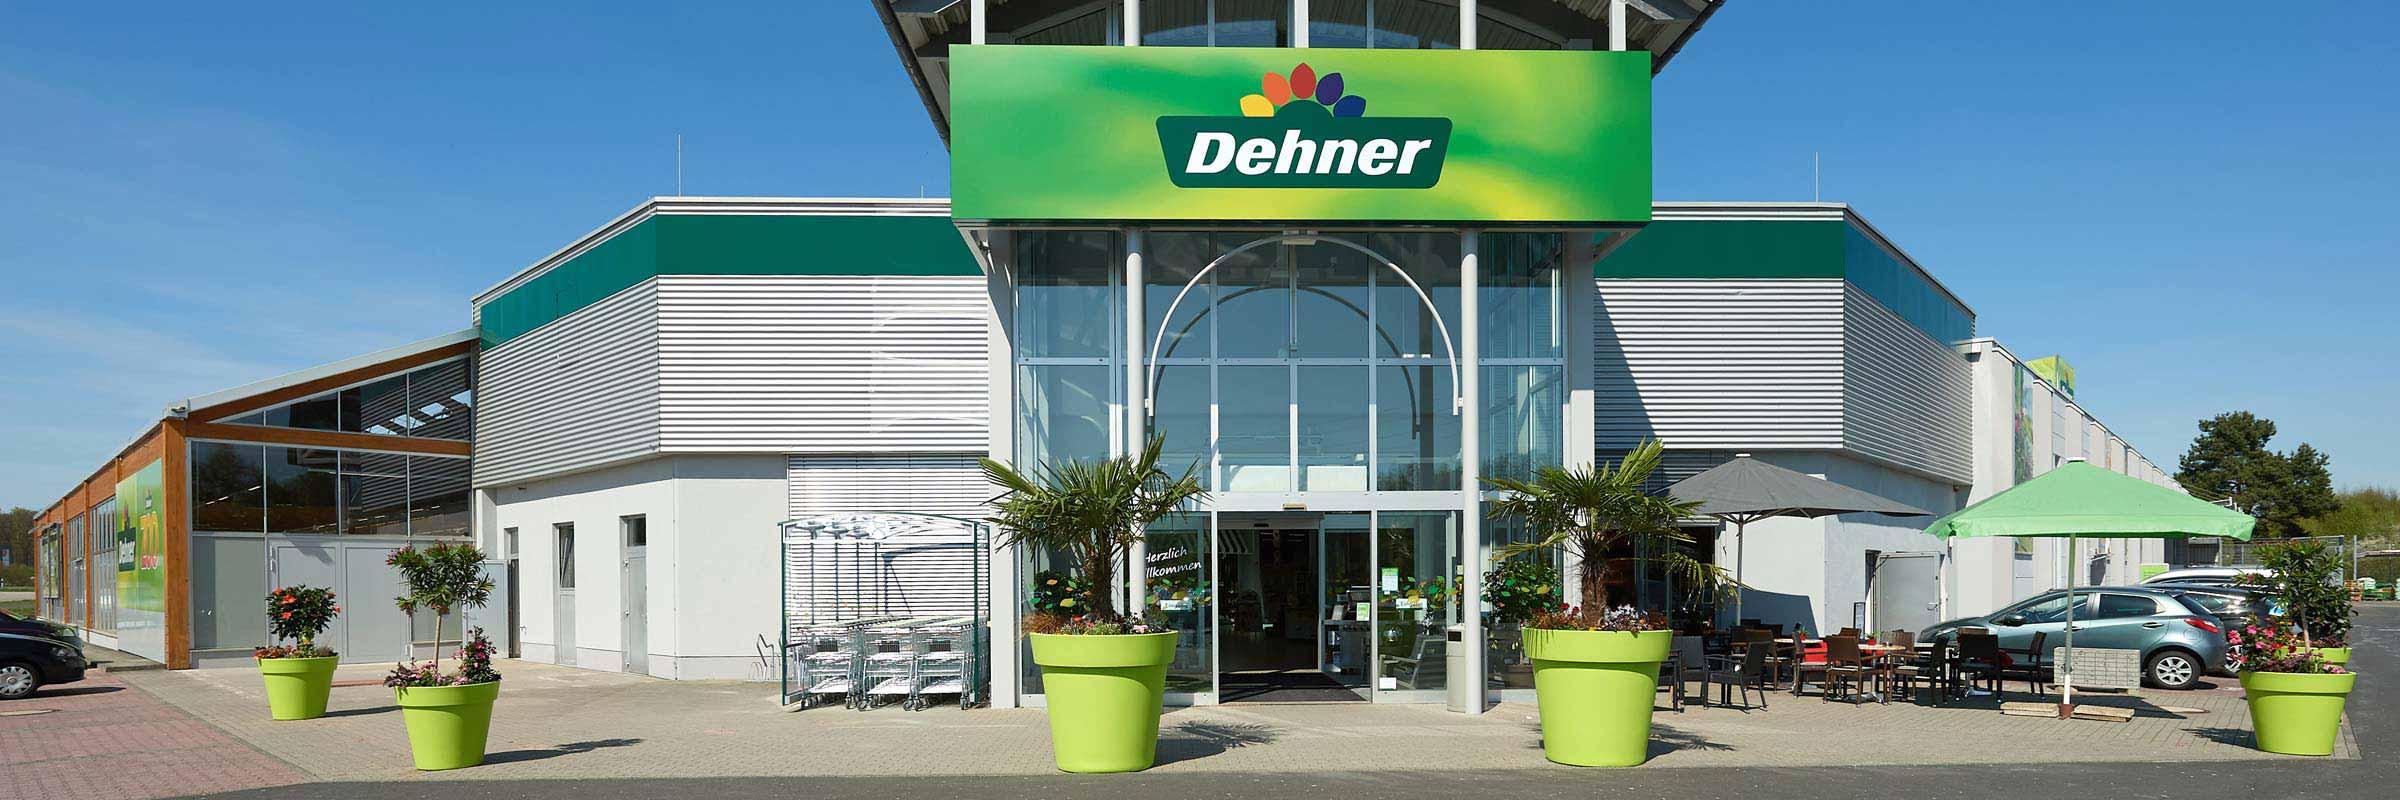 Dehner Kassel